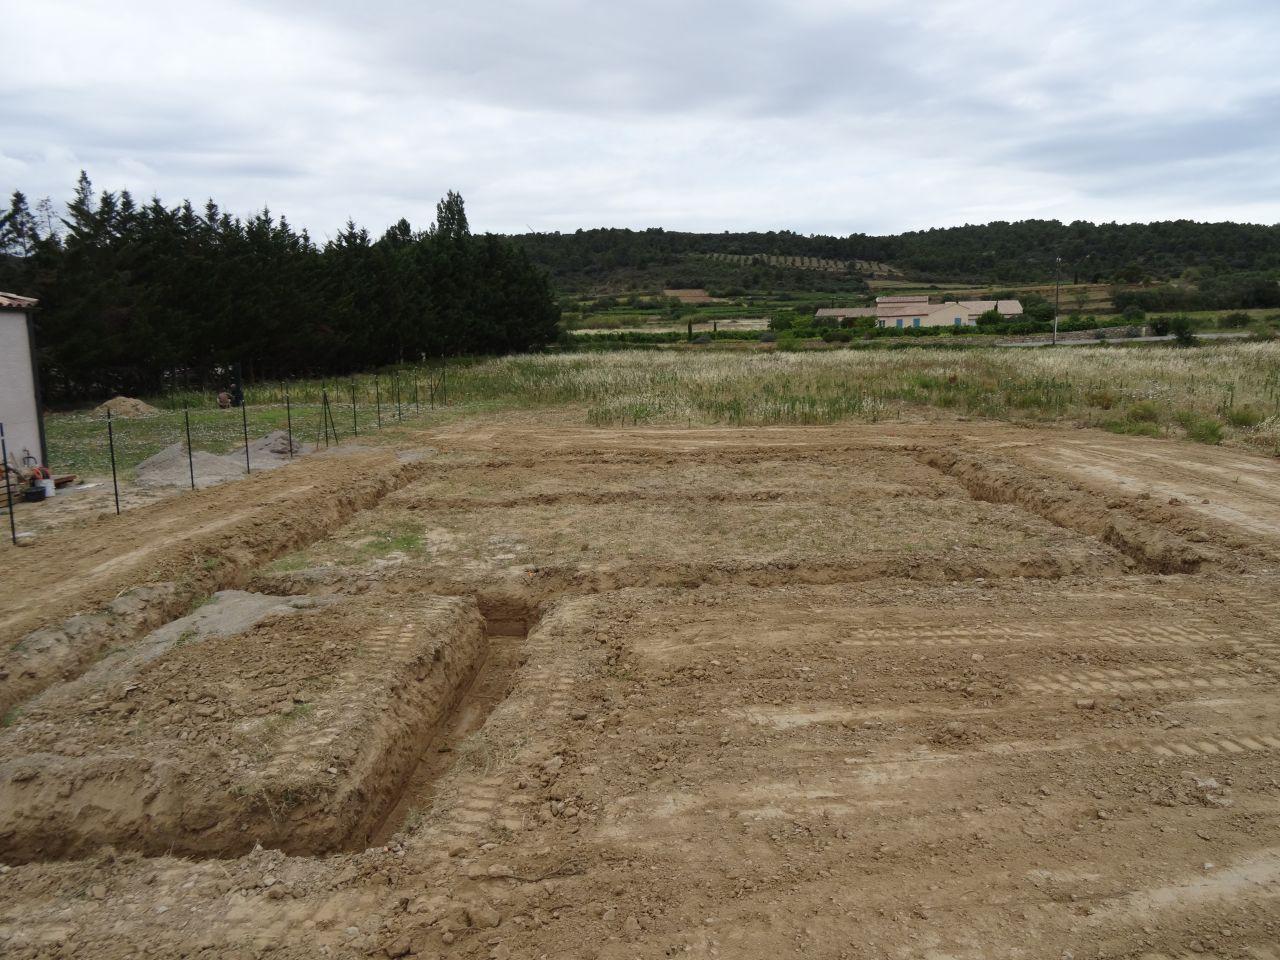 Terrassement du terrain. Creusage des rigoles de fondation et étalage sur la périphérie des terres de fouille.